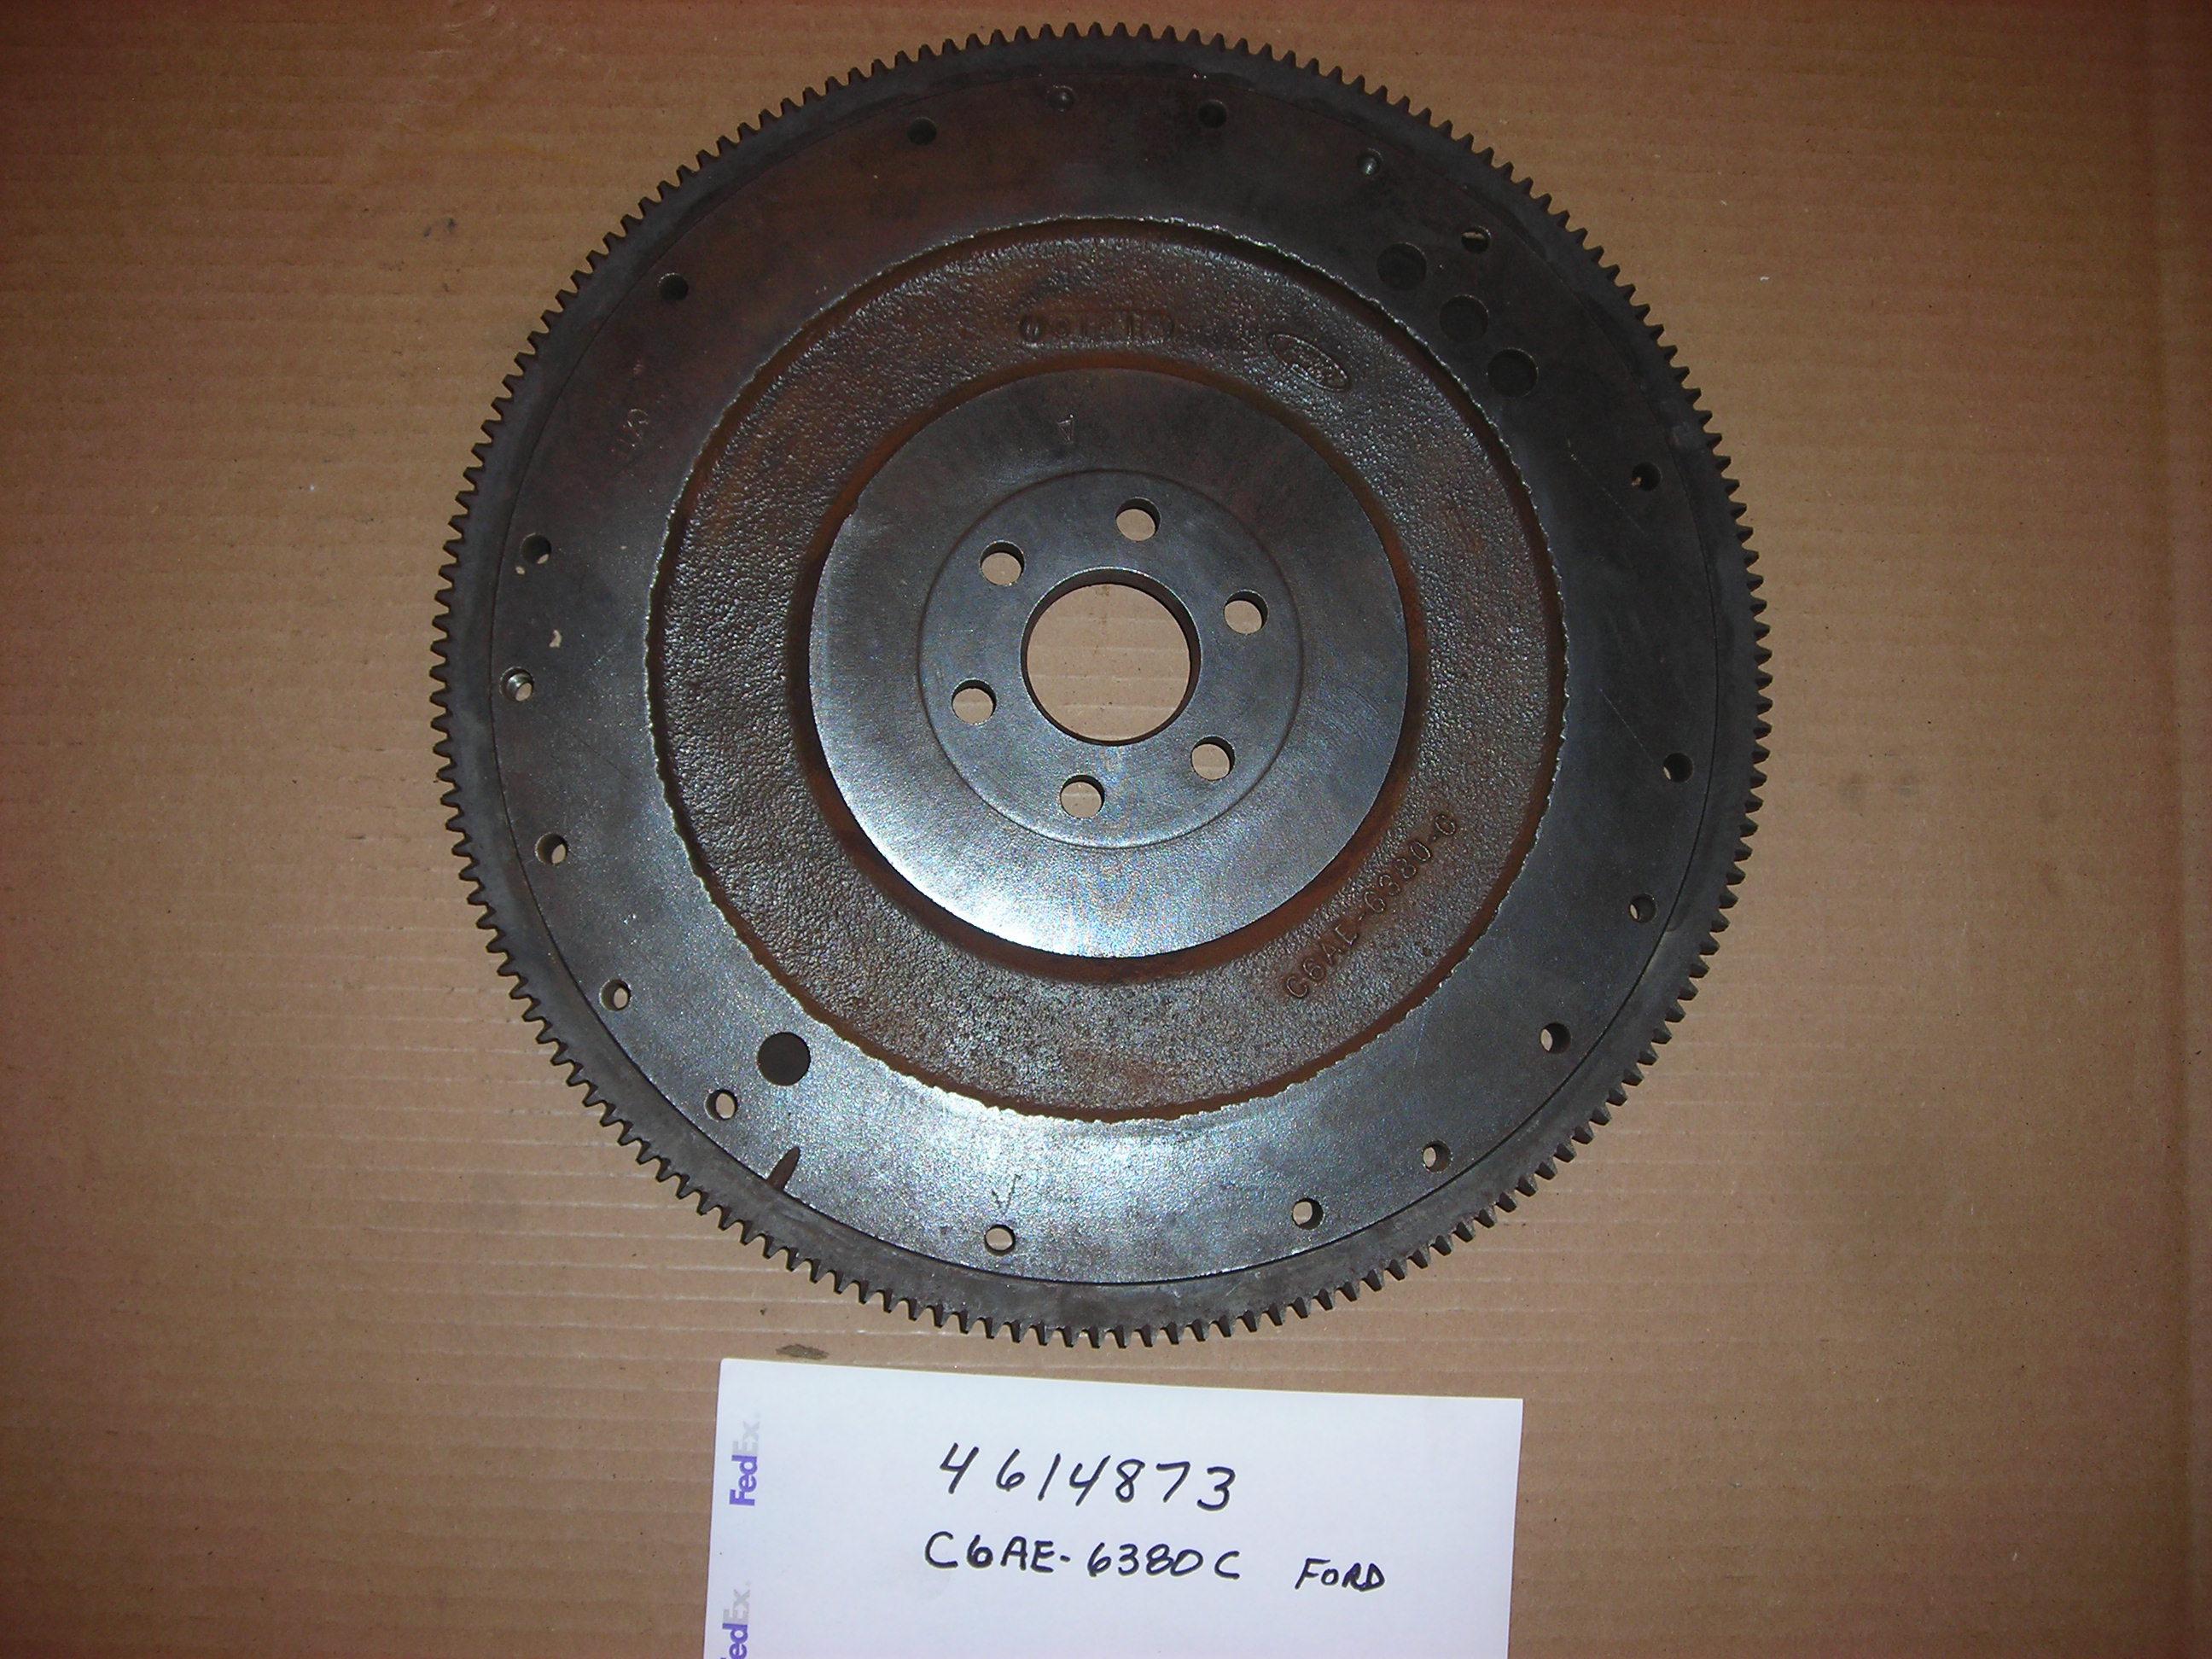 C6AE6380C Ford Flywheel Rear